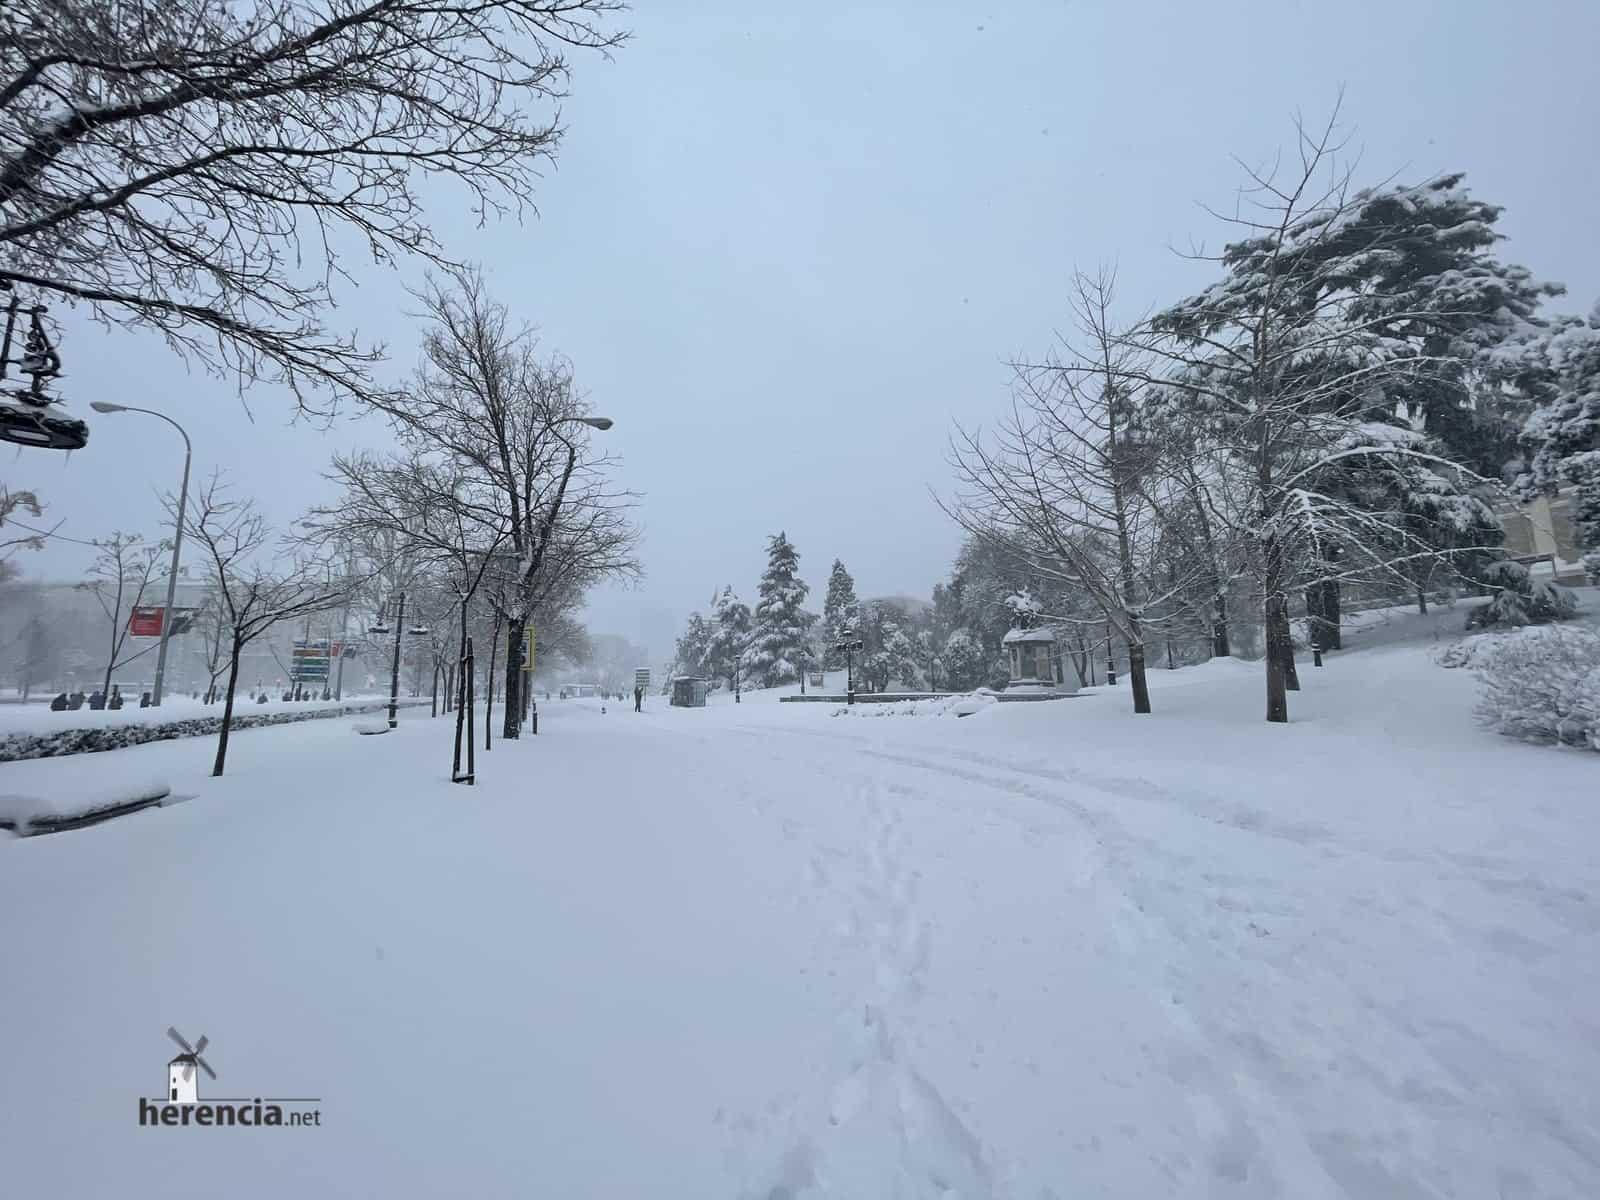 Fotografías de la nevada de enero en Madrid (España) 221